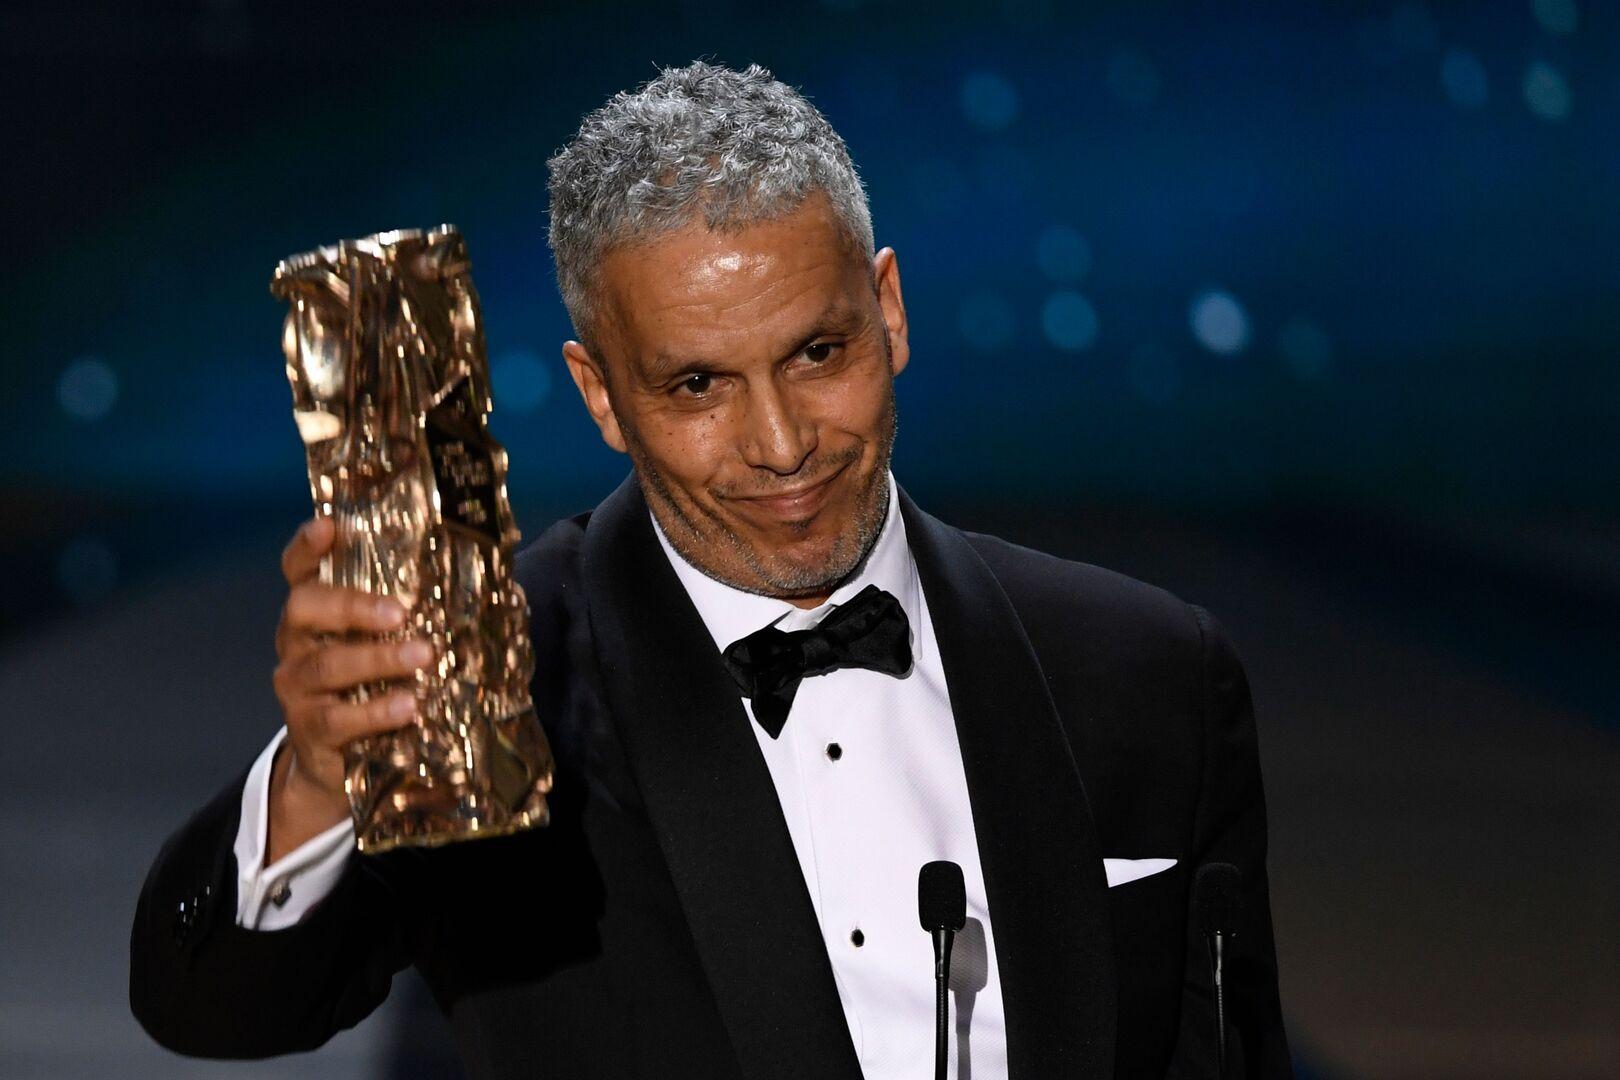 An Arab actor wins